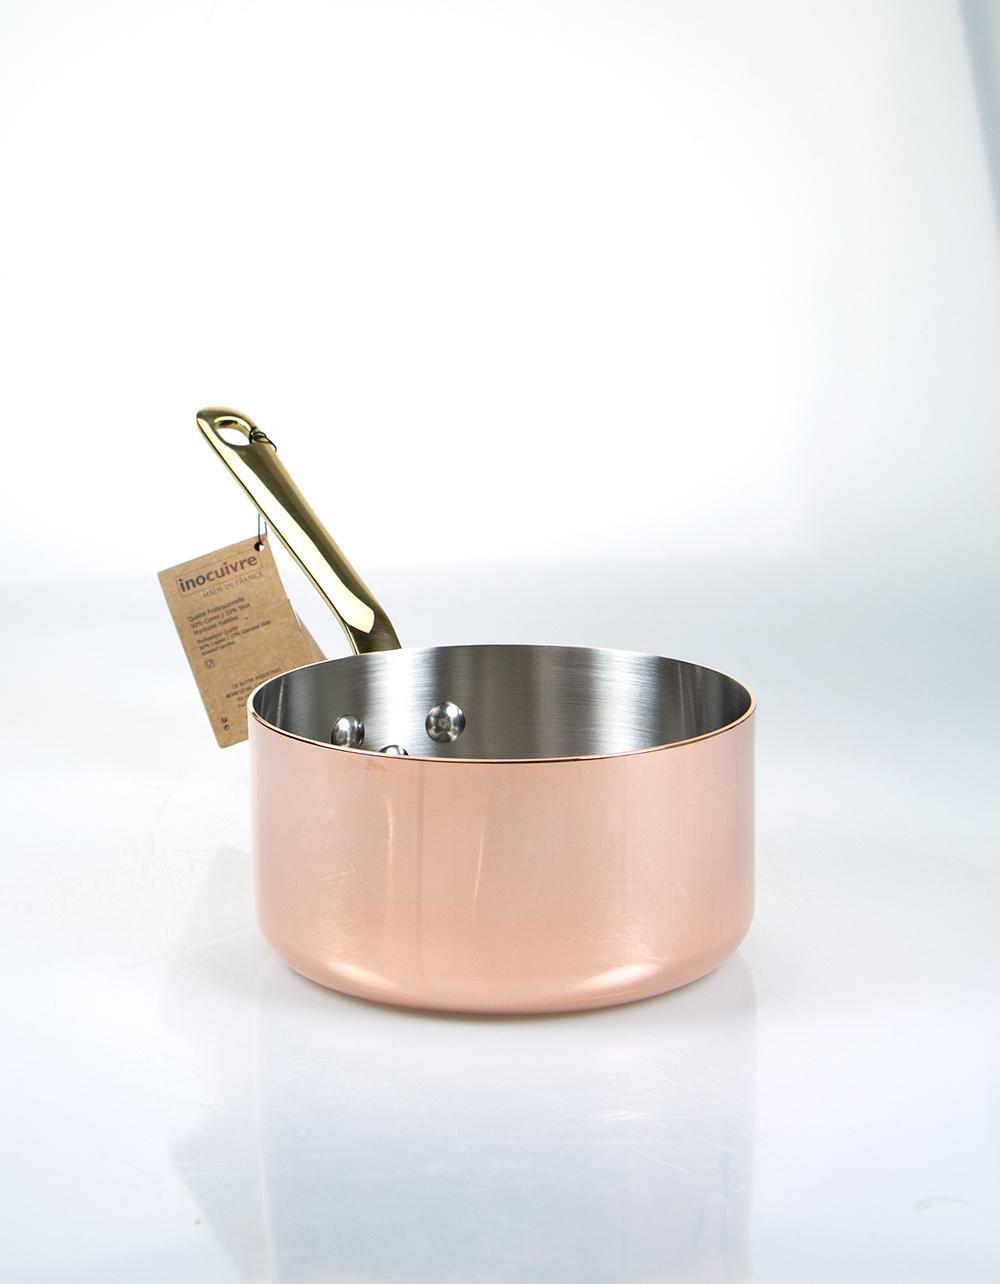 De Buyer Copper Saucepan with Brass Handle 14cm